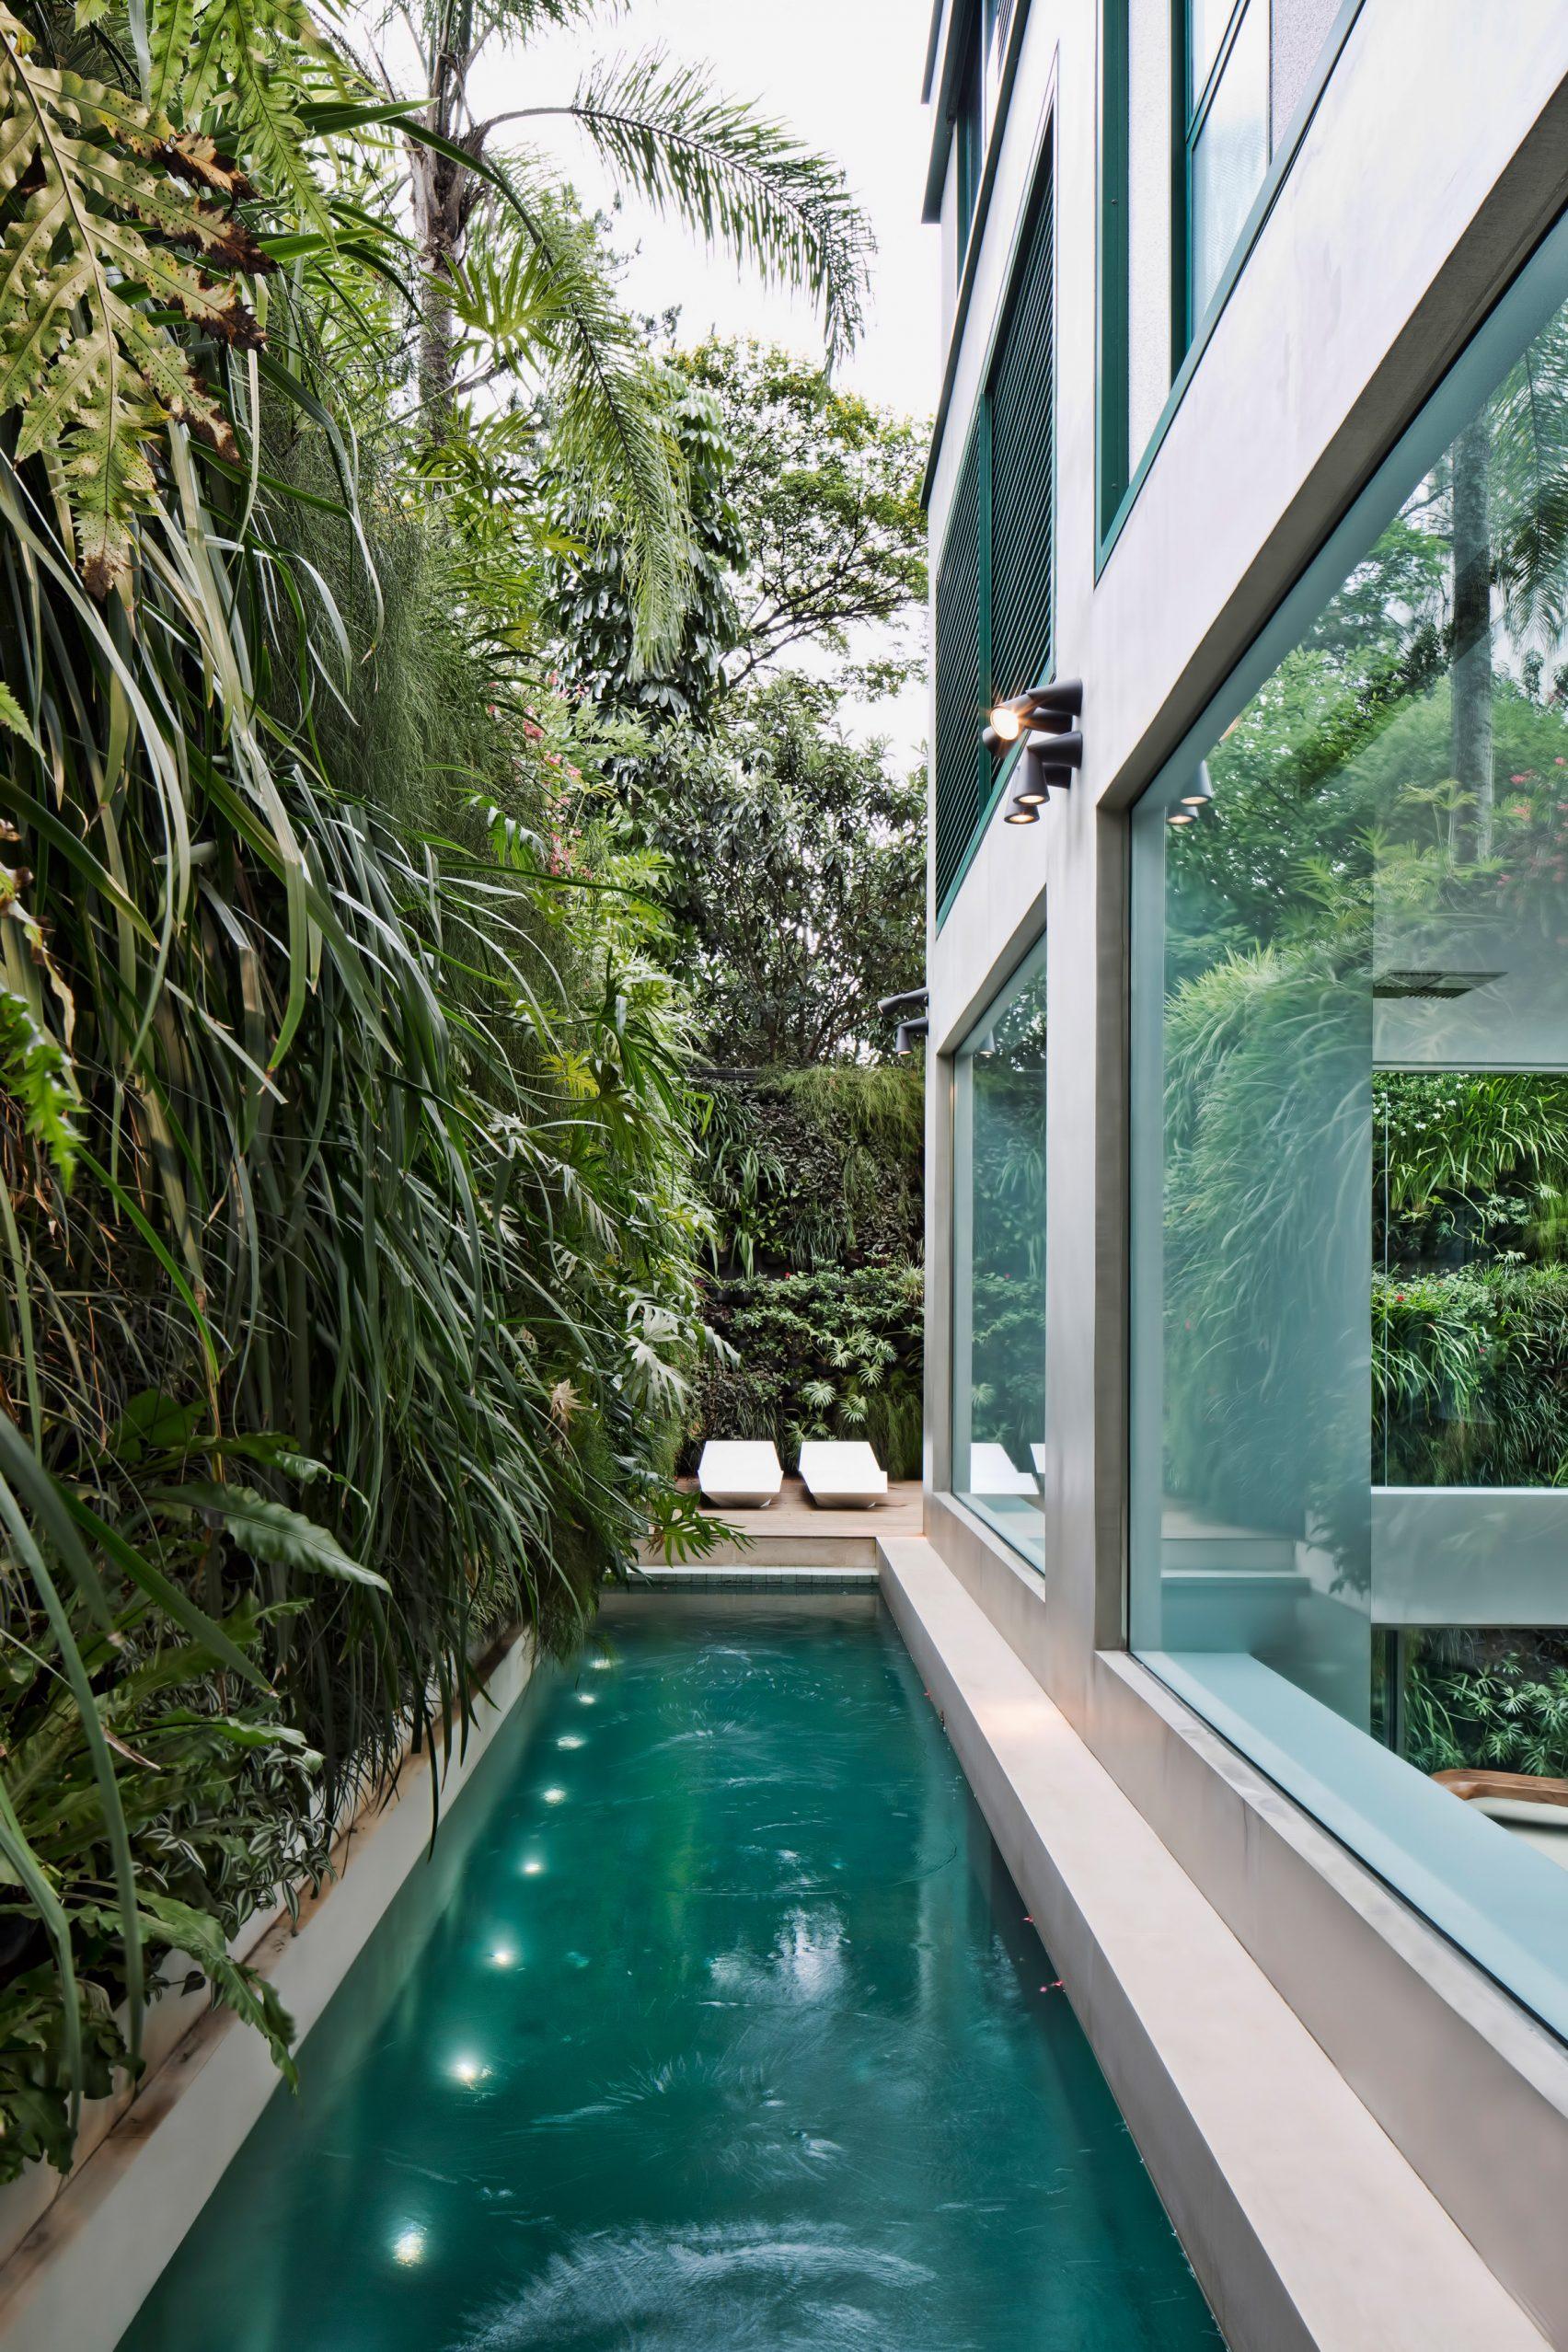 jardim-vertical-quadro-vivo-de-plantas-na-piscina-por-fernanda-marques